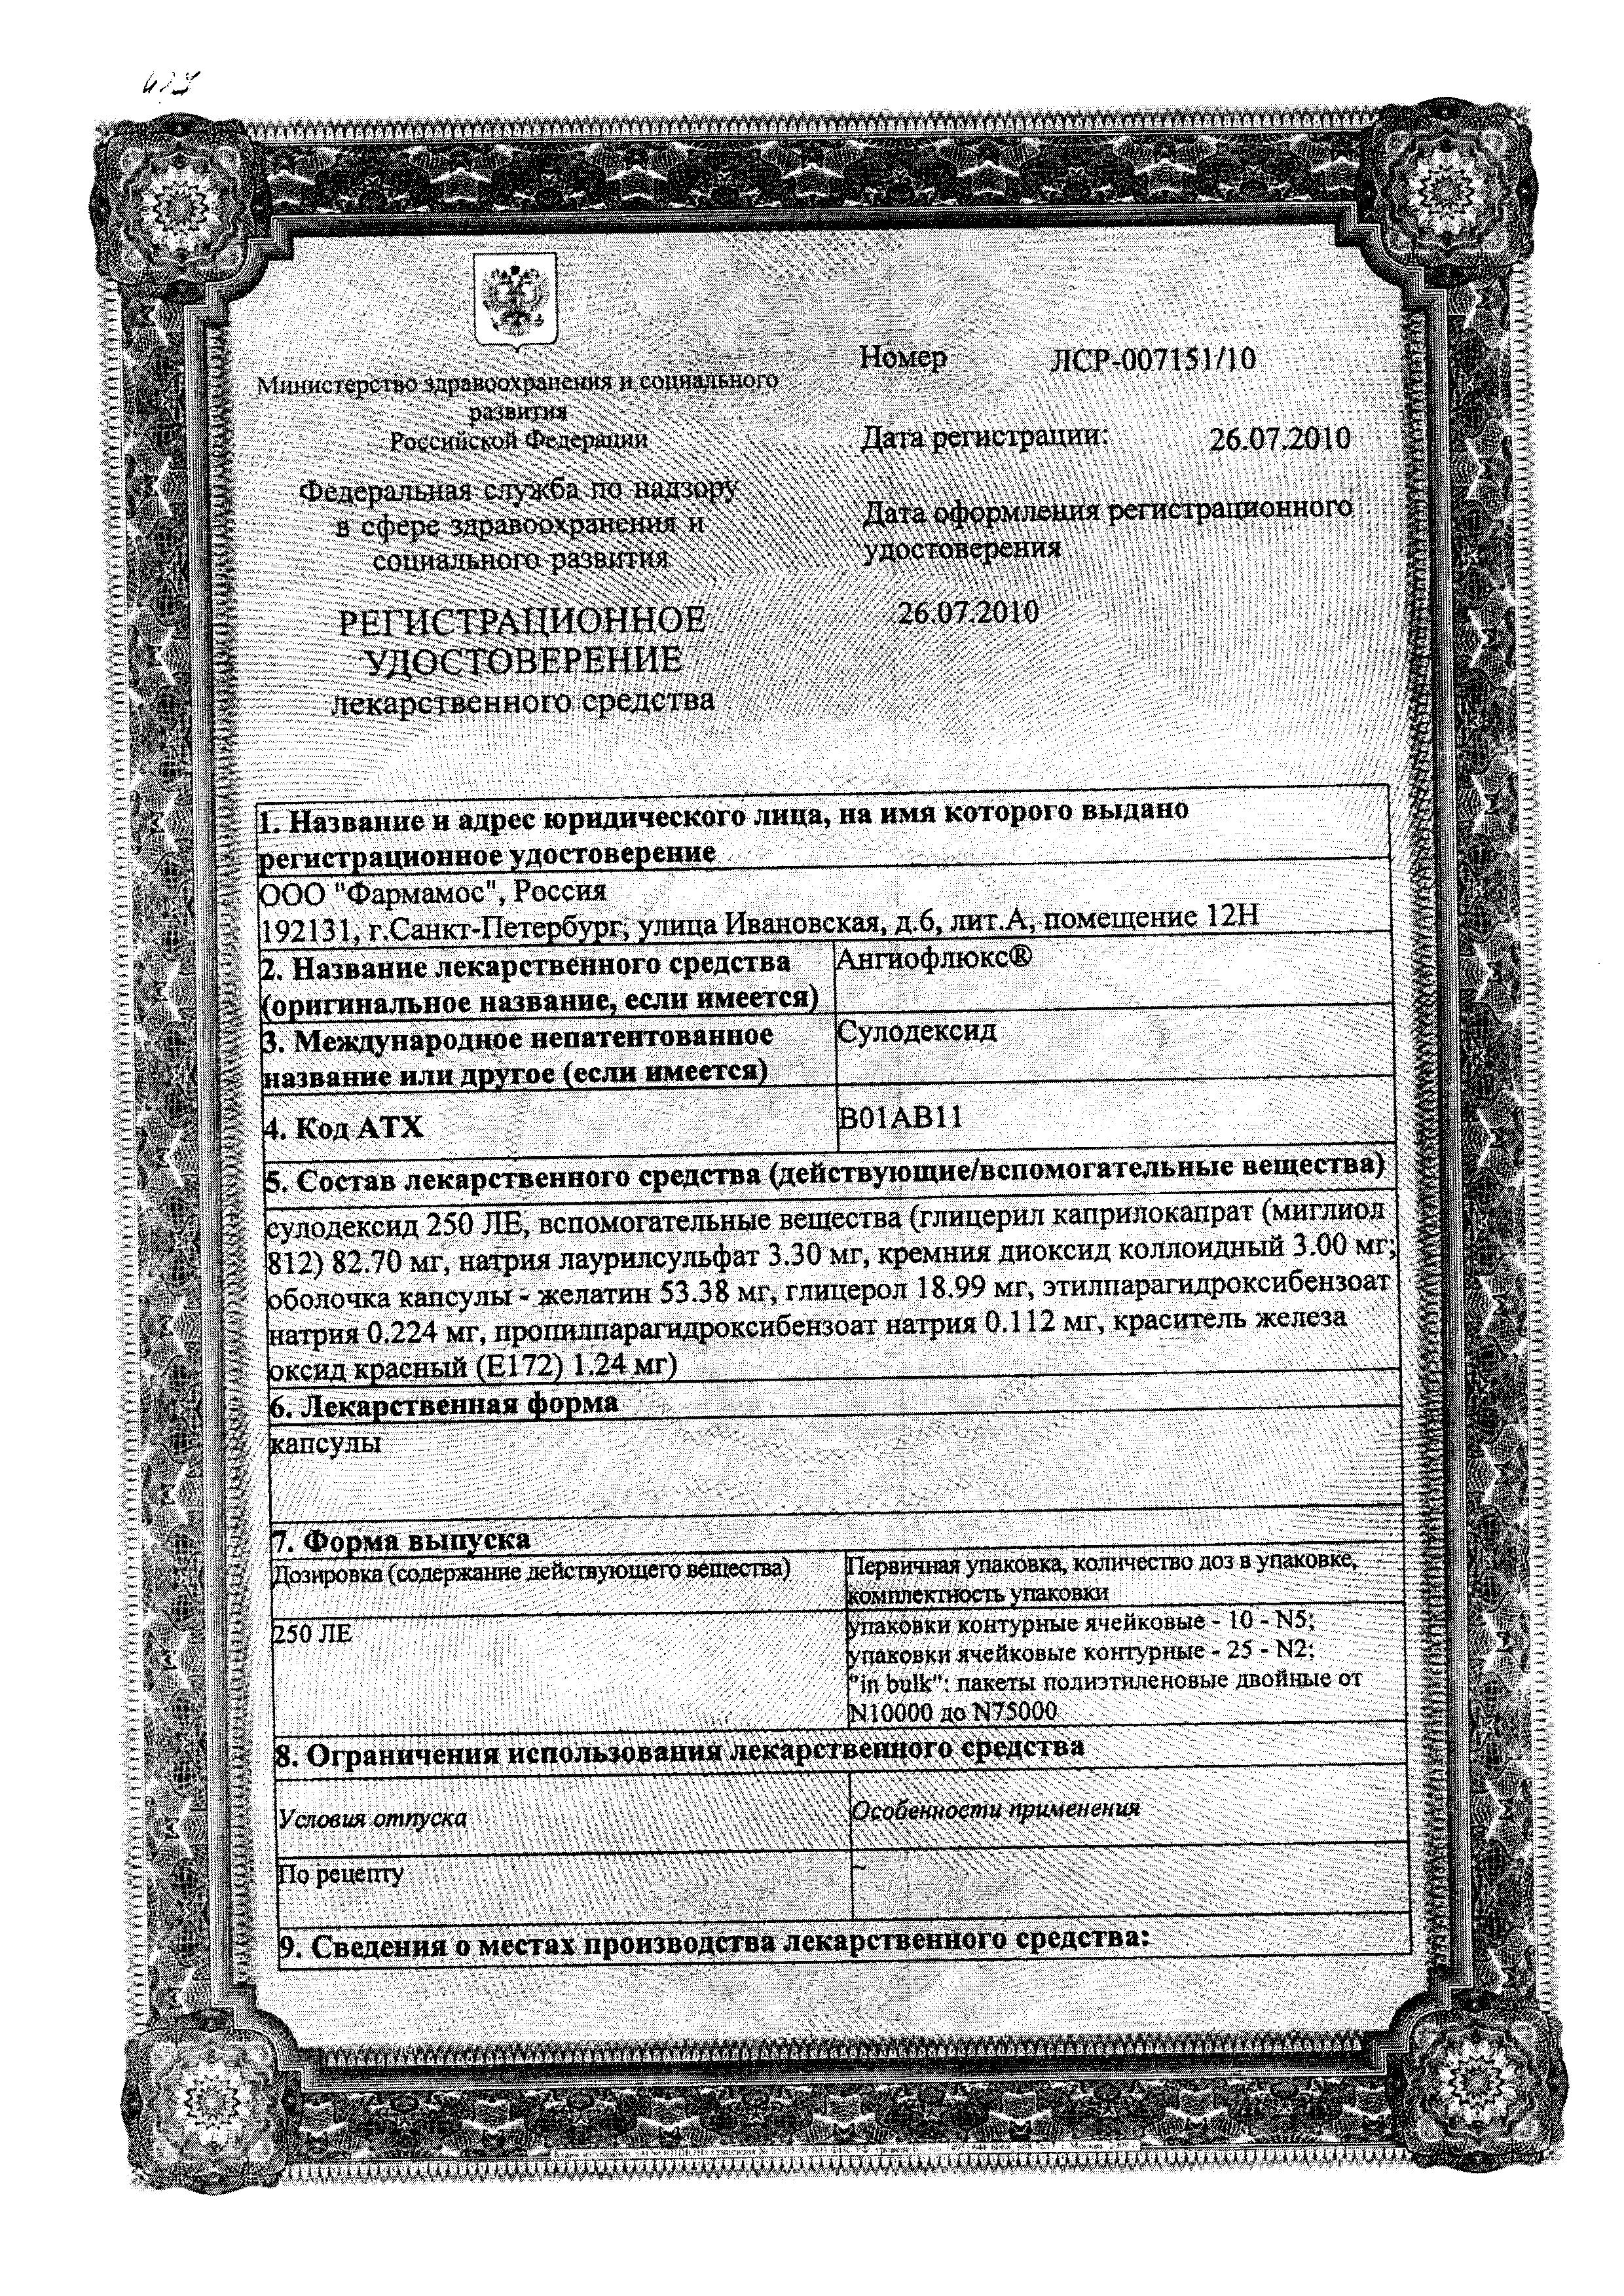 Ангиофлюкс сертификат